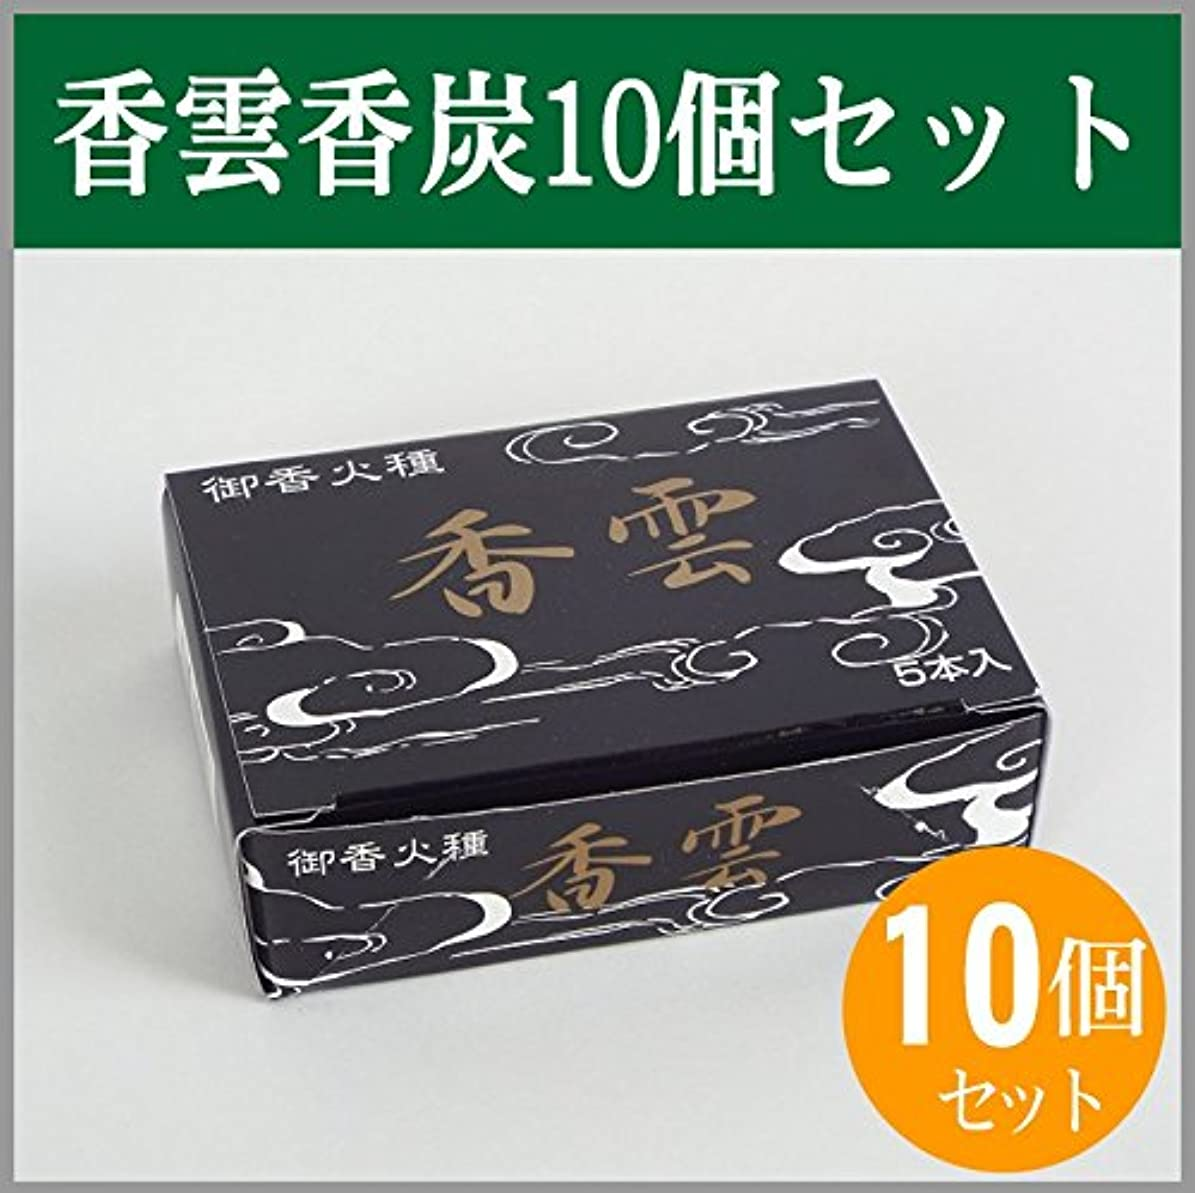 気体の伝説かご香雲 焼香炭10個セット